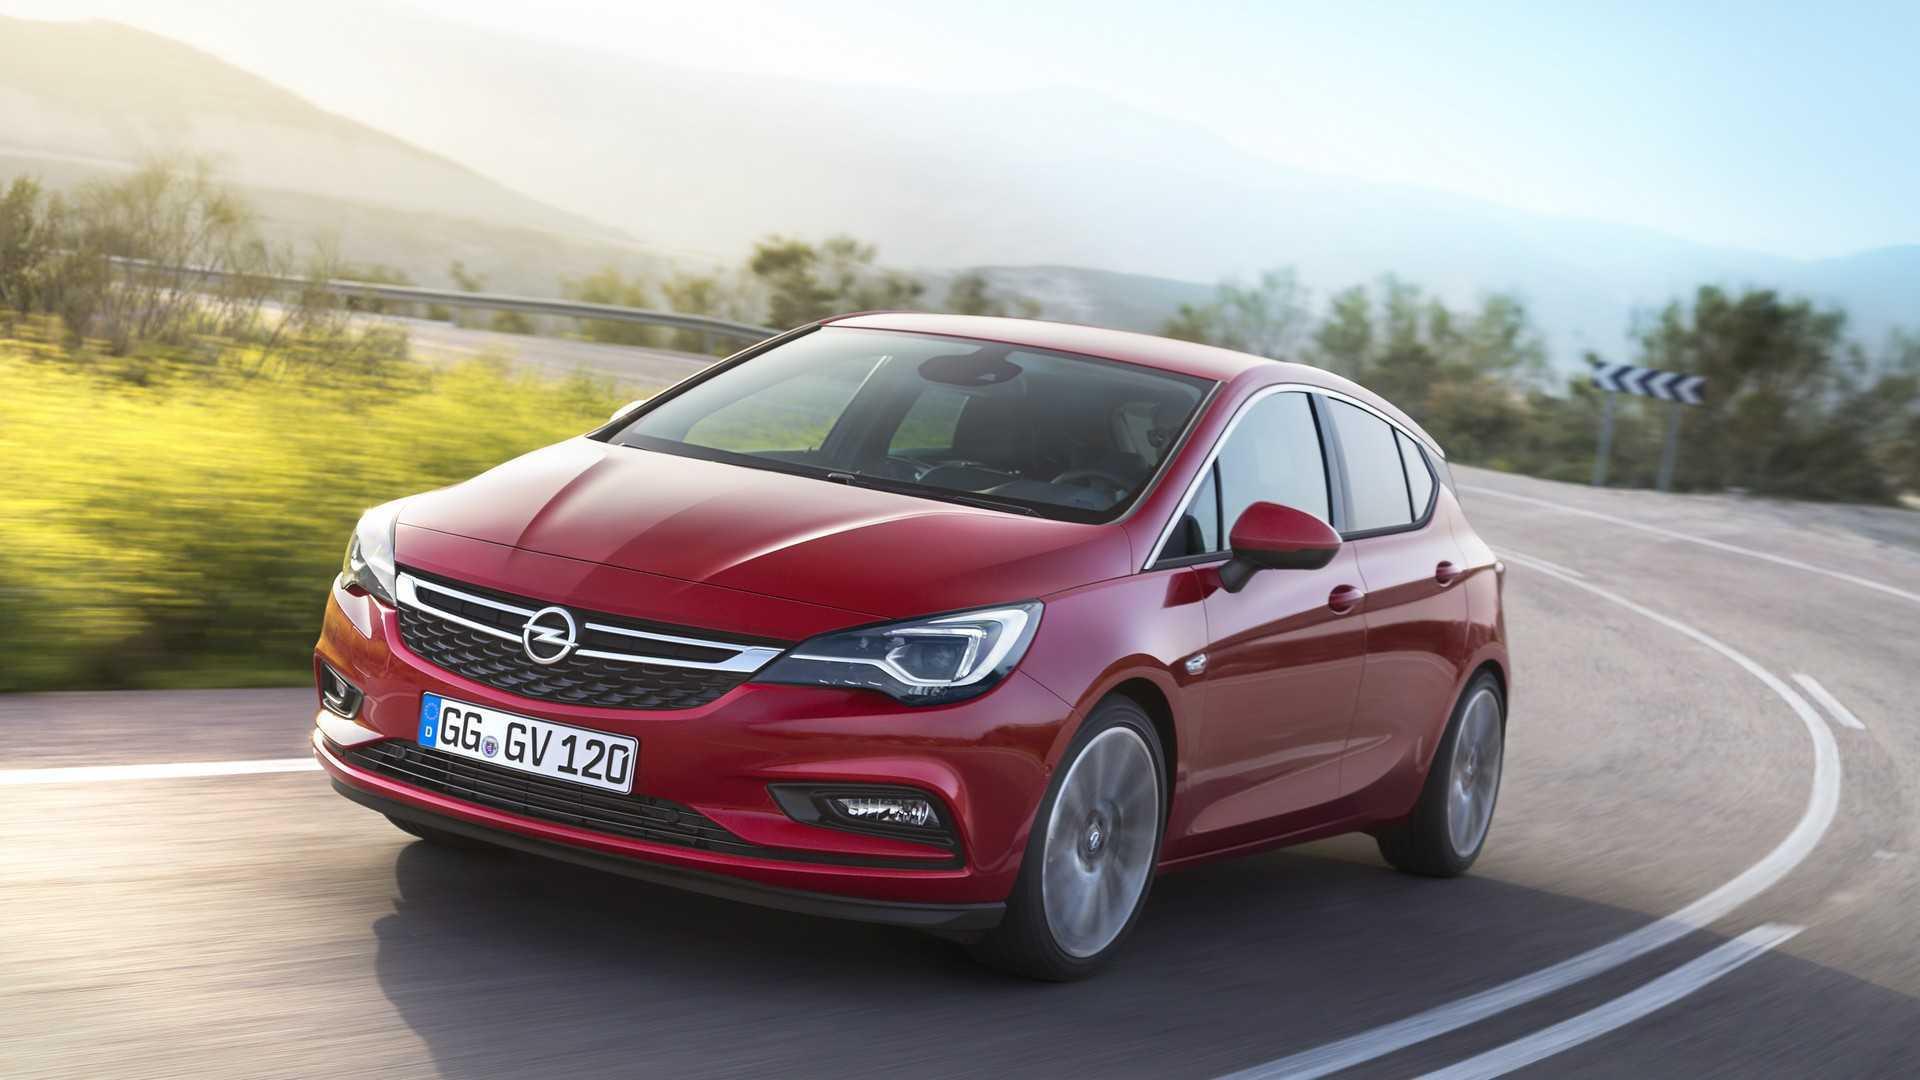 Opel Astra Facelift дебютирует с тонкой модернизацией, крупными техническими обновлениями